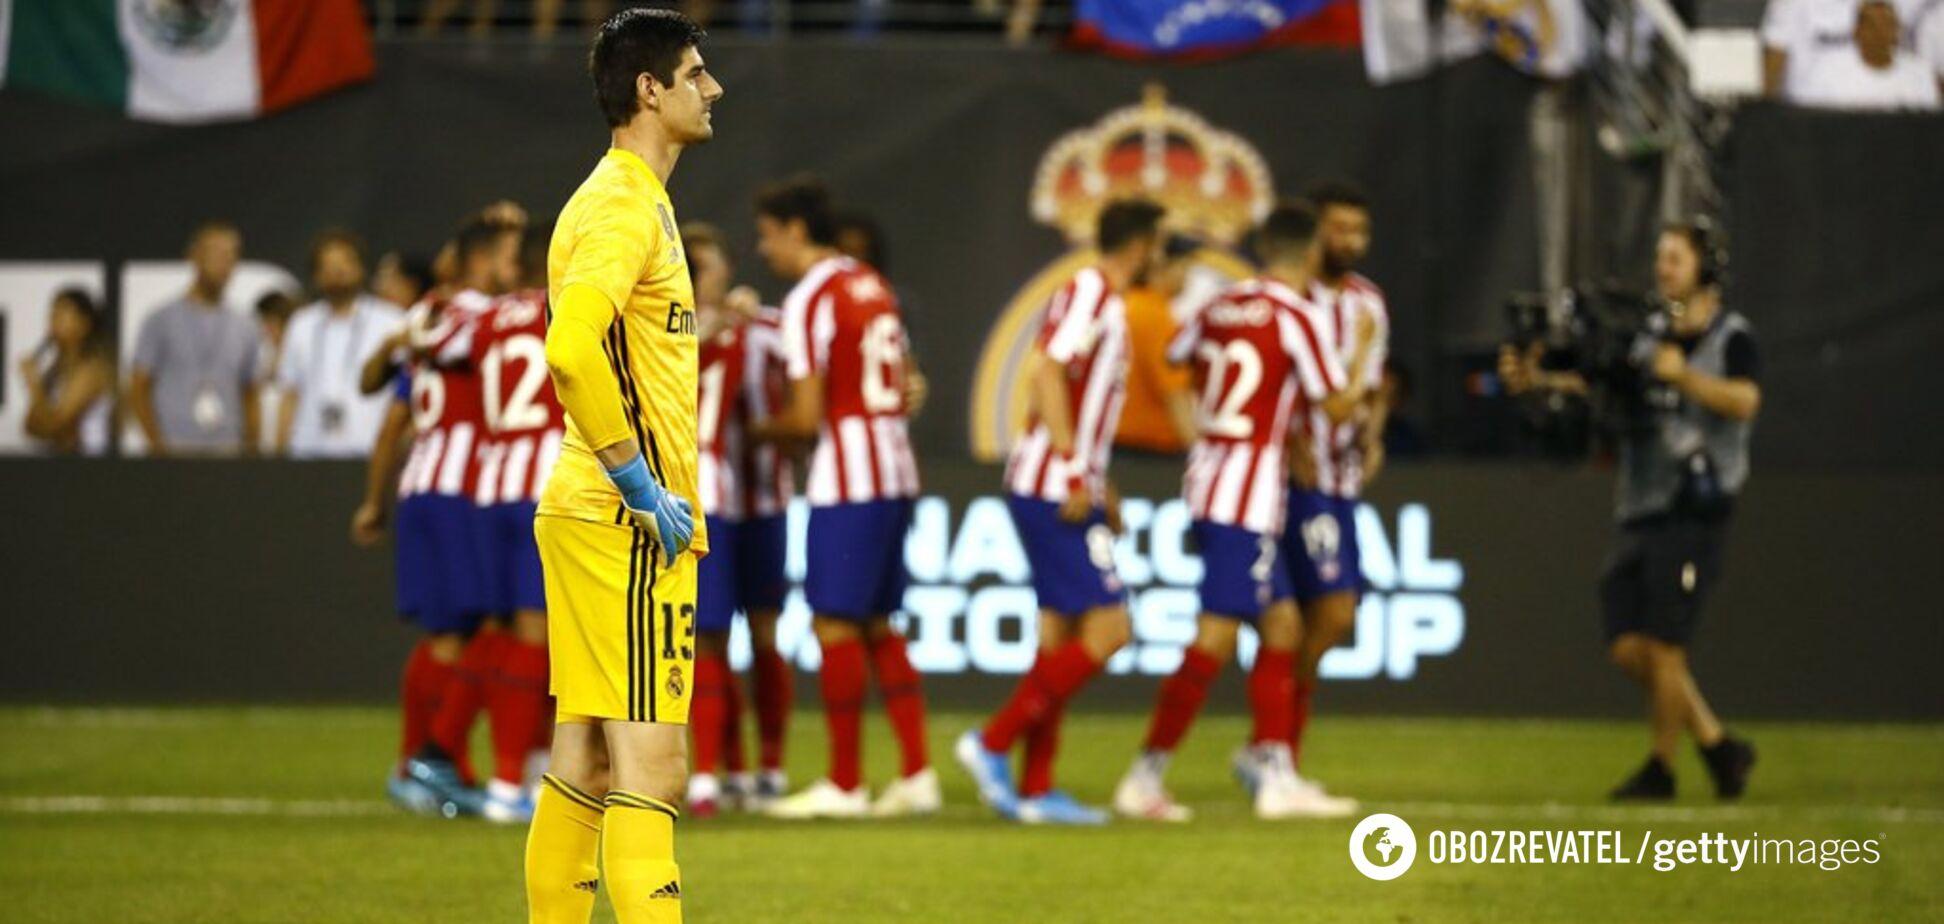 Головний конкурент Луніна по 'Реалу' жорстко зганьбився в Міжнародному кубку чемпіонів